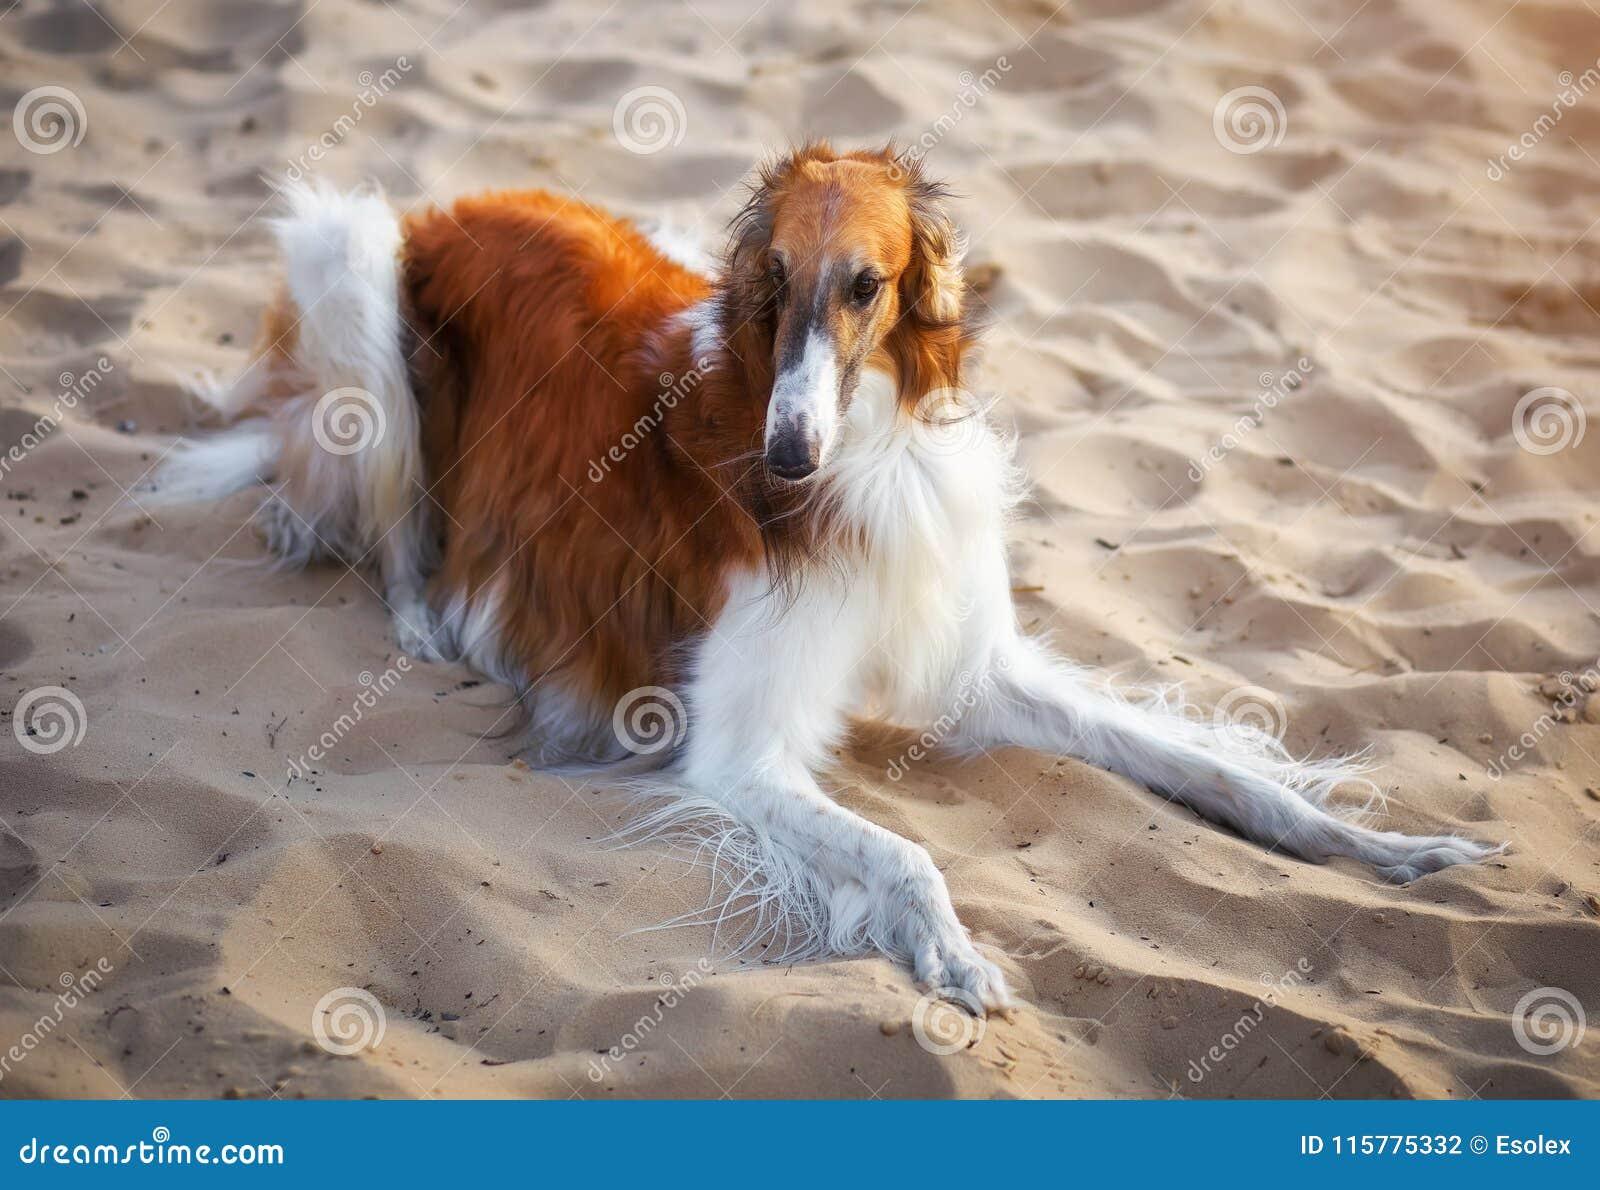 人与动物兽交系列_图片 包括有 控制, 猎人, 狩猎, 人兽交, 交配动物者 - 115775332